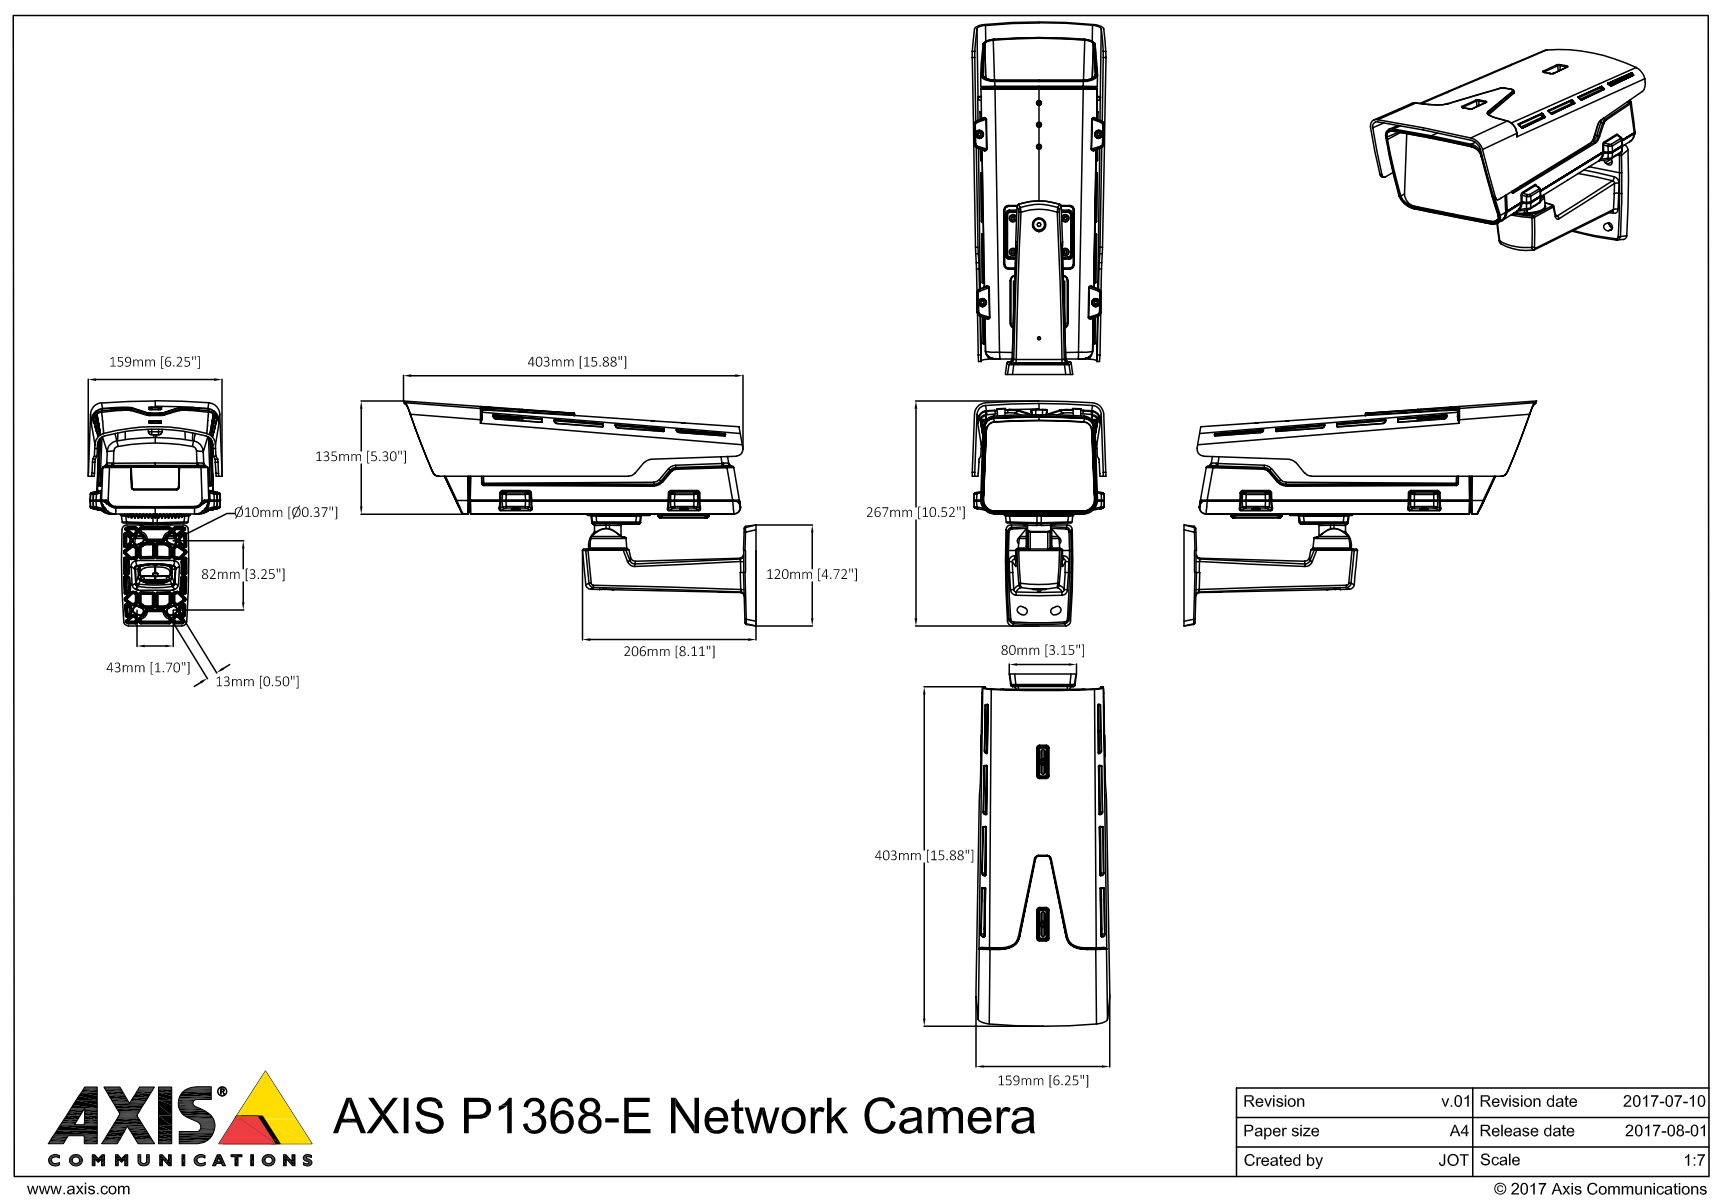 P1368-E Dimensions